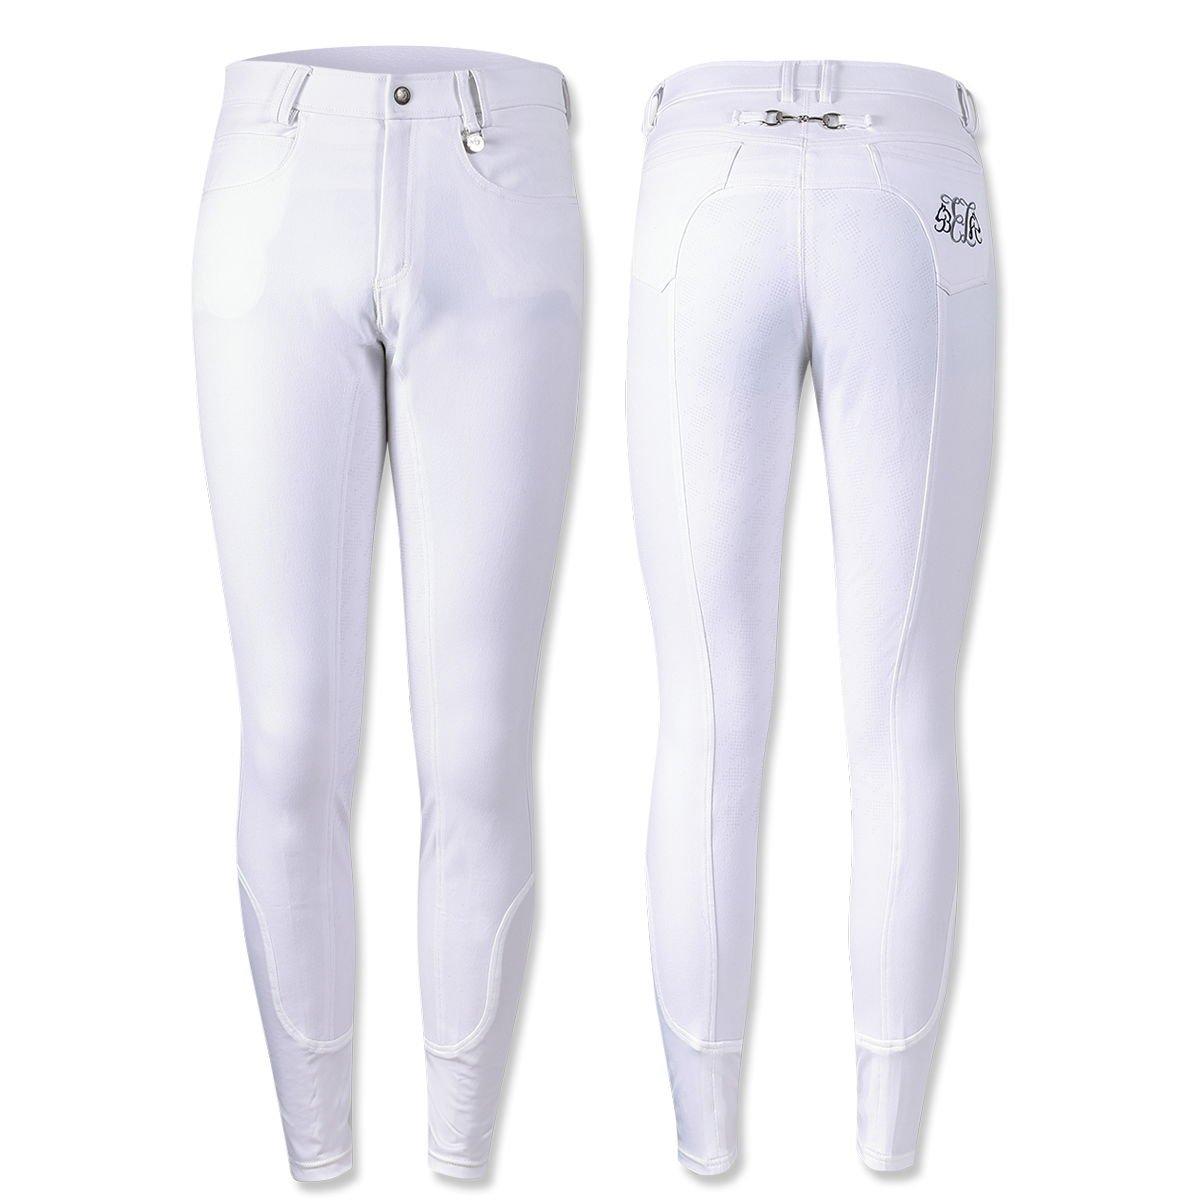 乗馬 キュロット ズボン パンツ EQULIBERTA シリコンライディングキュロット フルグリップ メンズ 乗馬用品 馬具 B07FXXCP54 Large ホワイト ホワイト Large